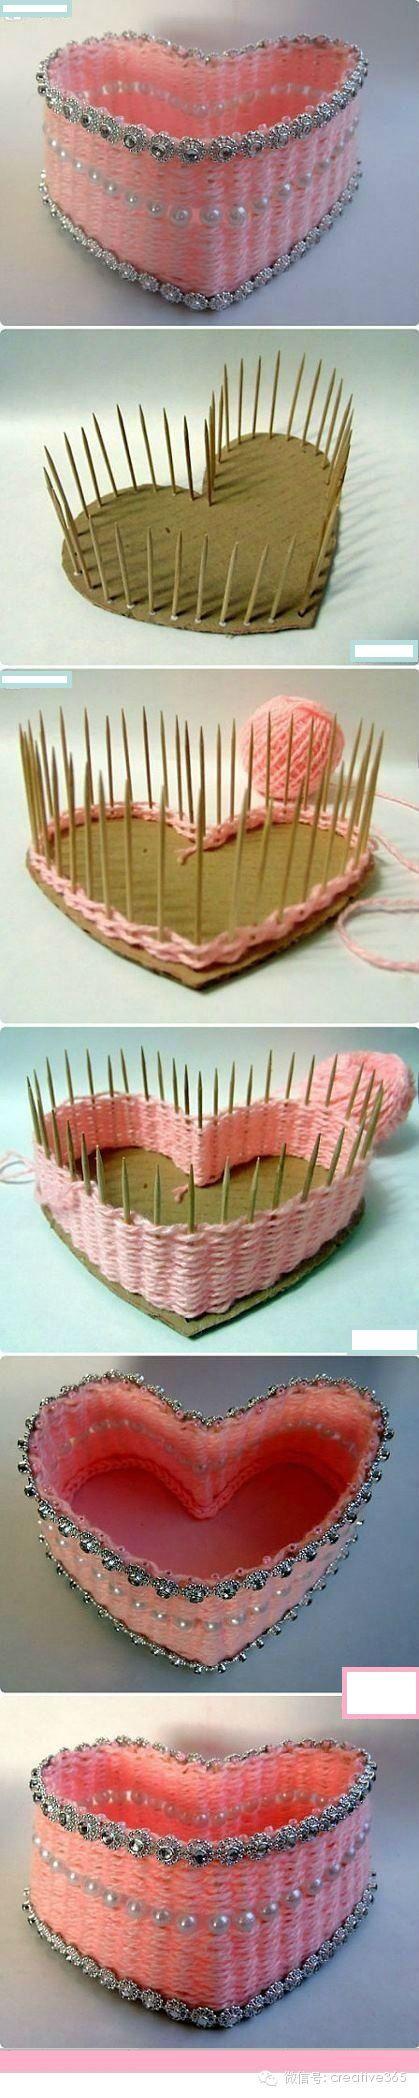 环保diy: 用牙签和毛线编织制作的首饰盒